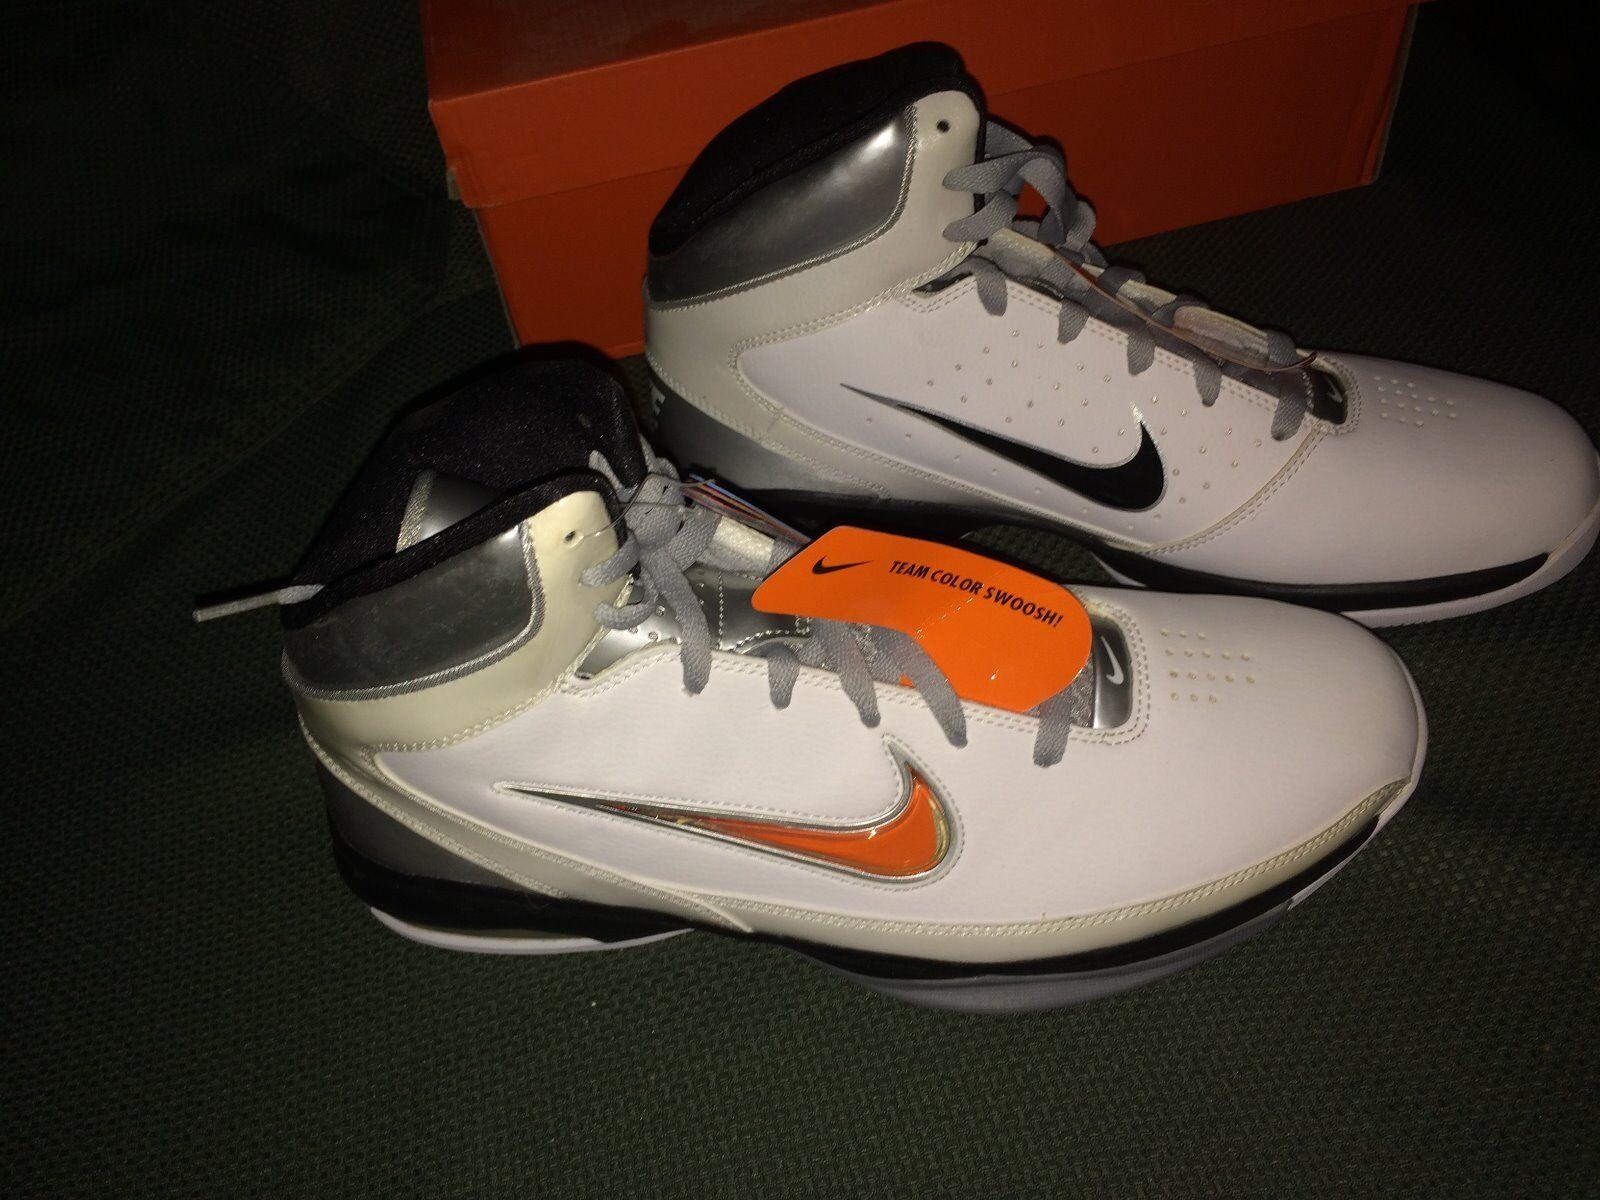 Nike air max hochgespielten int tb weiße schwarze traf silberner basketball turnschuhe us - 11.